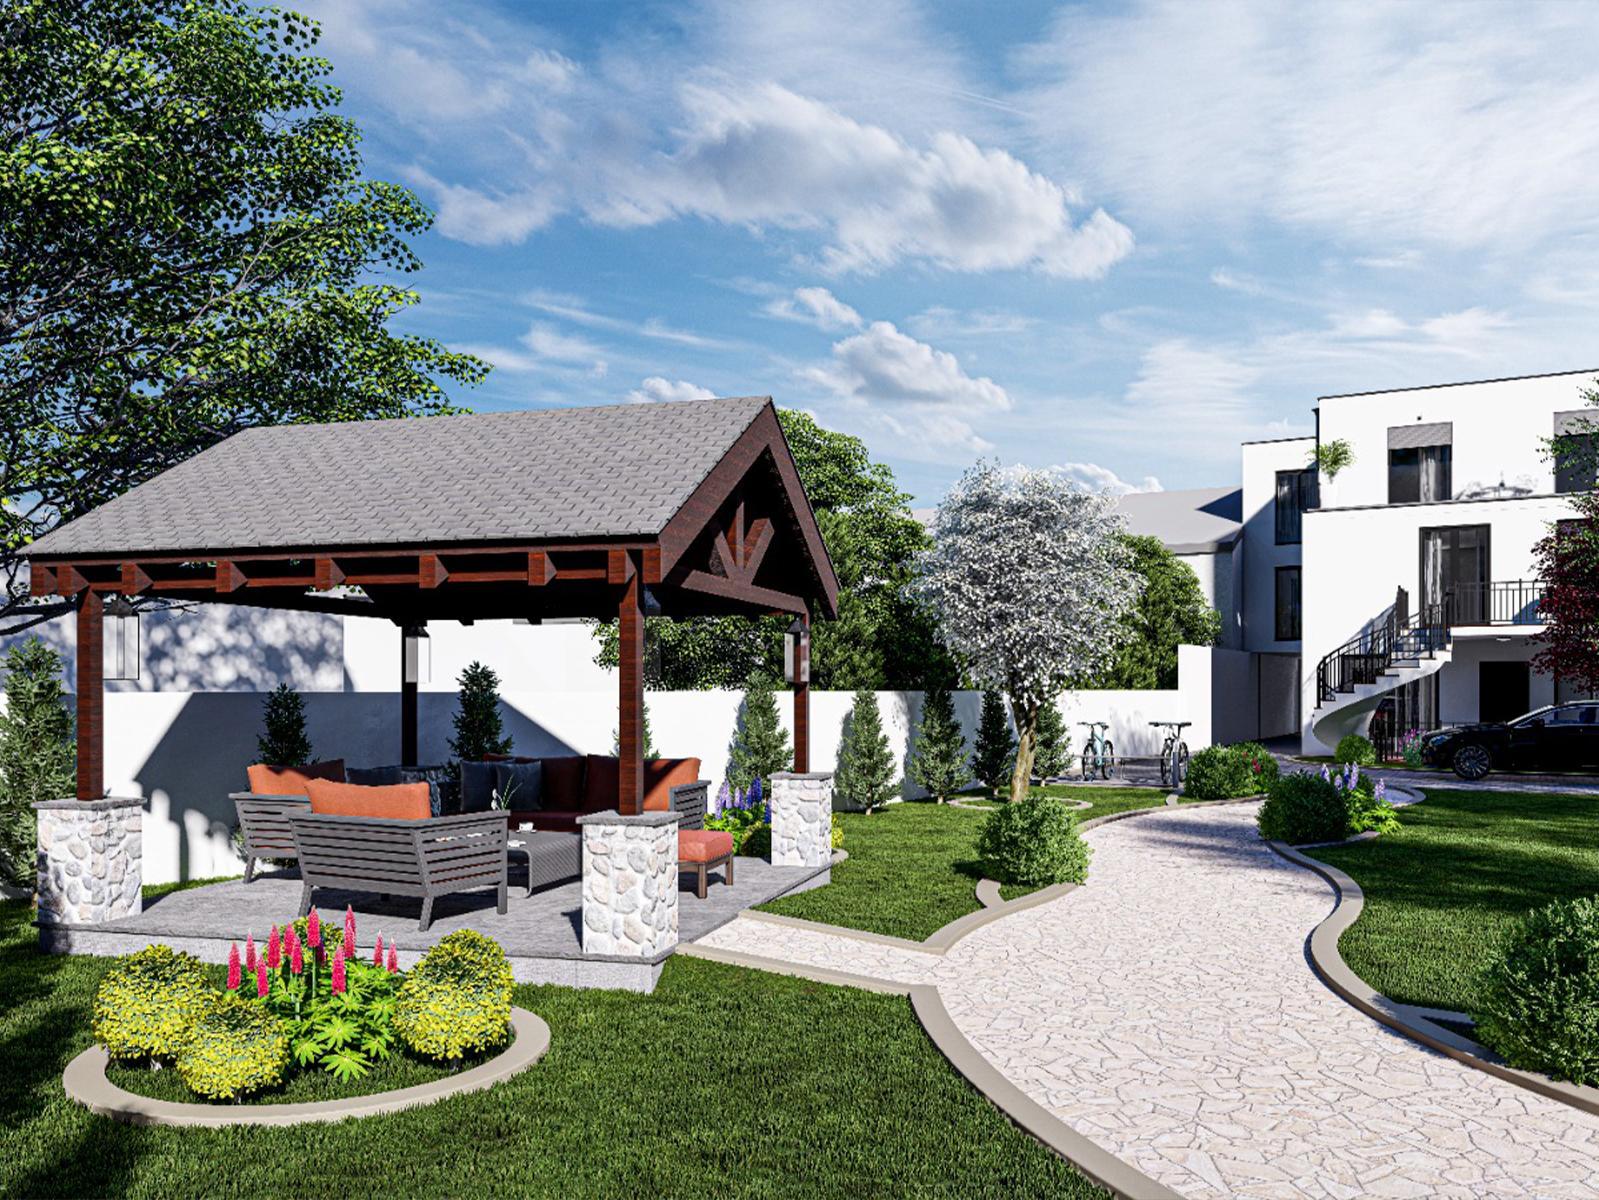 muehlheim02 - Außenanlage